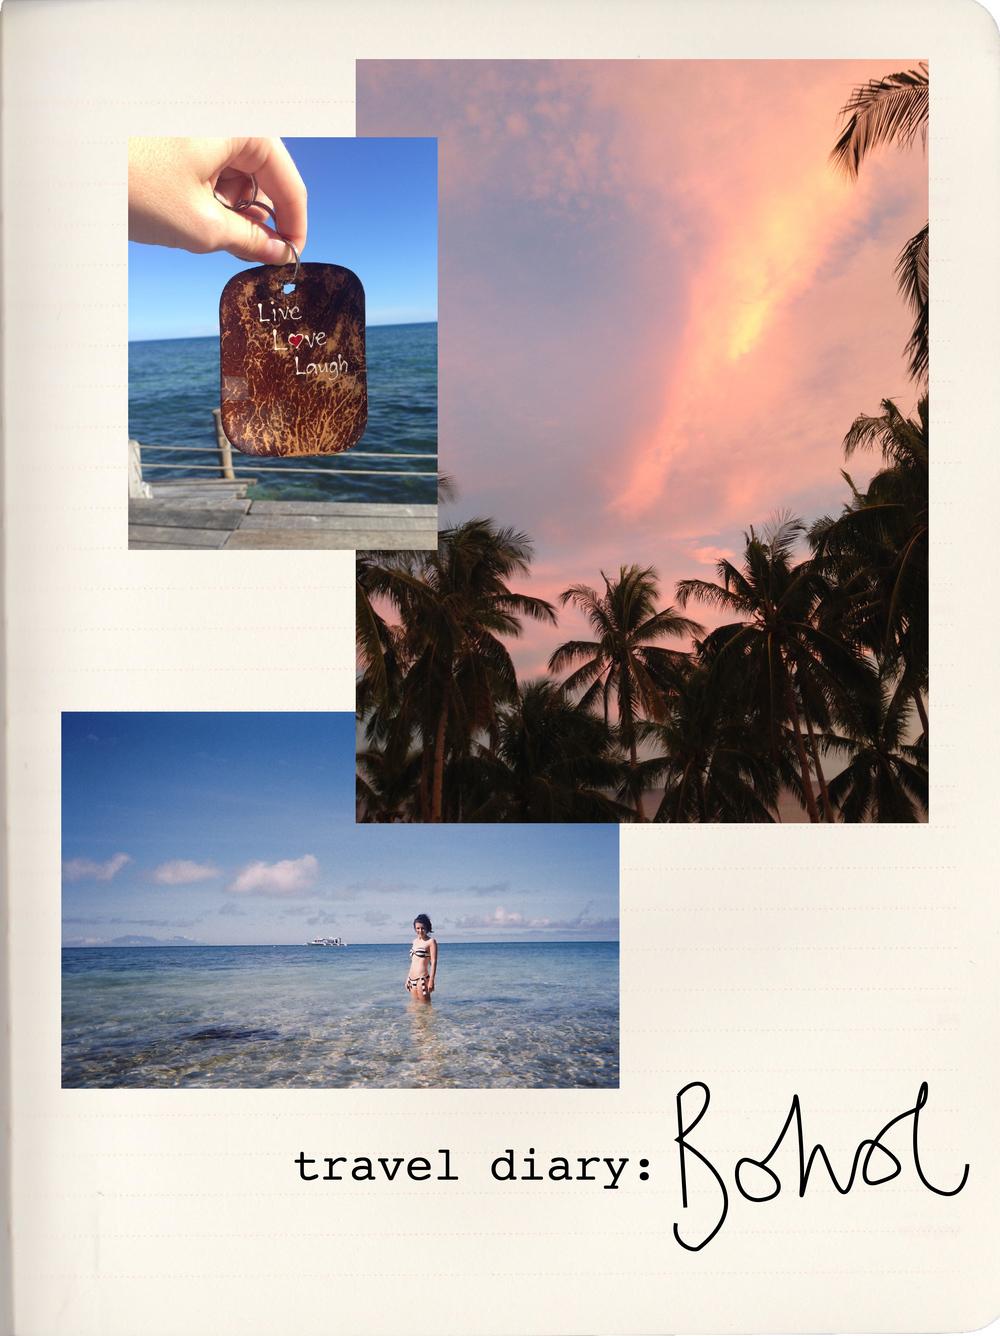 traveldiary4